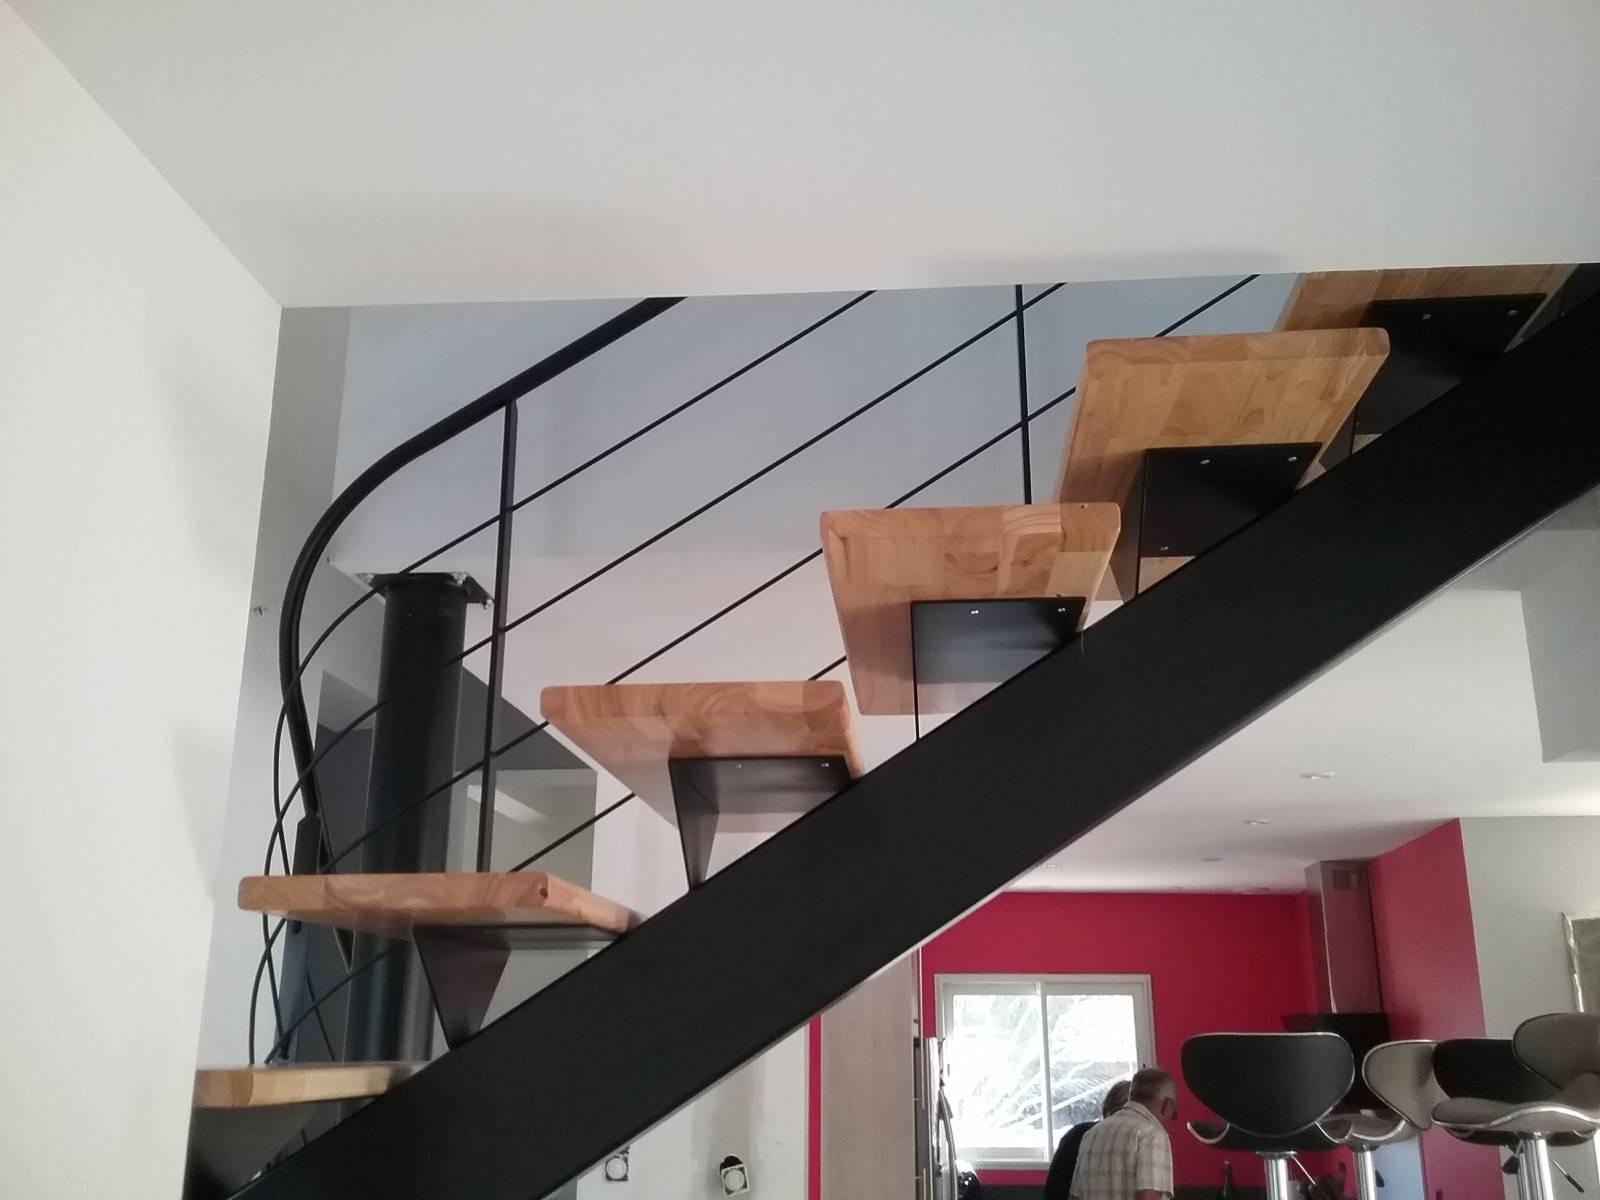 escalier 2 4 tournant haut limon central atelier des escaliers aubaret. Black Bedroom Furniture Sets. Home Design Ideas